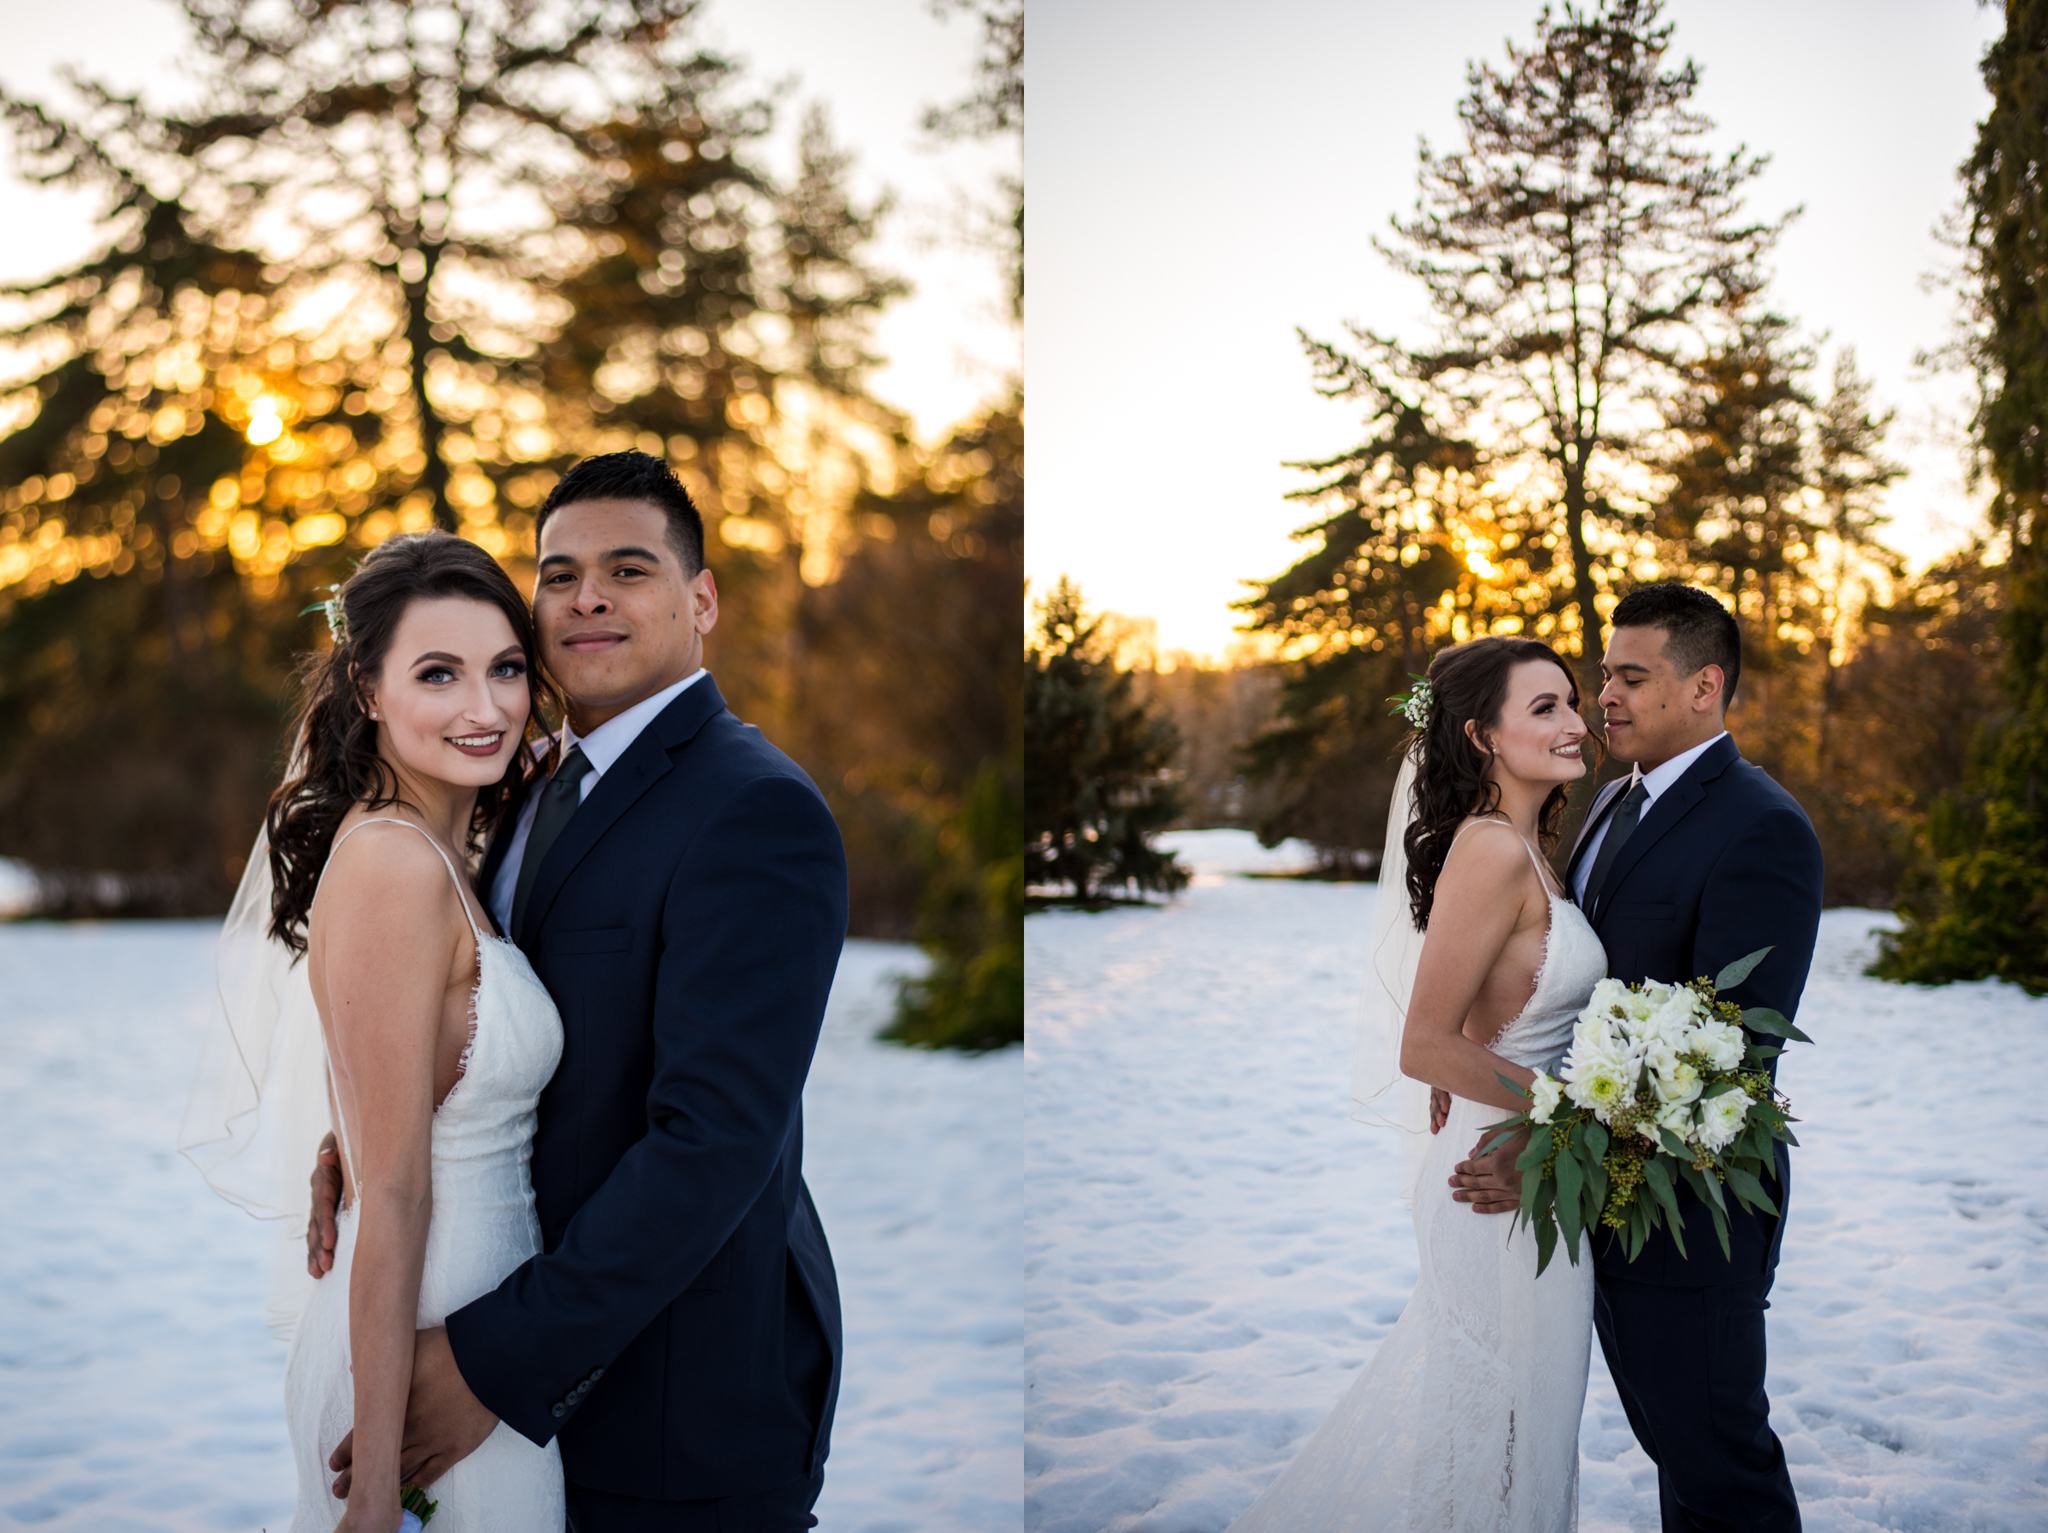 Queen Elizabeth Park Wedding Photographer-52.jpg